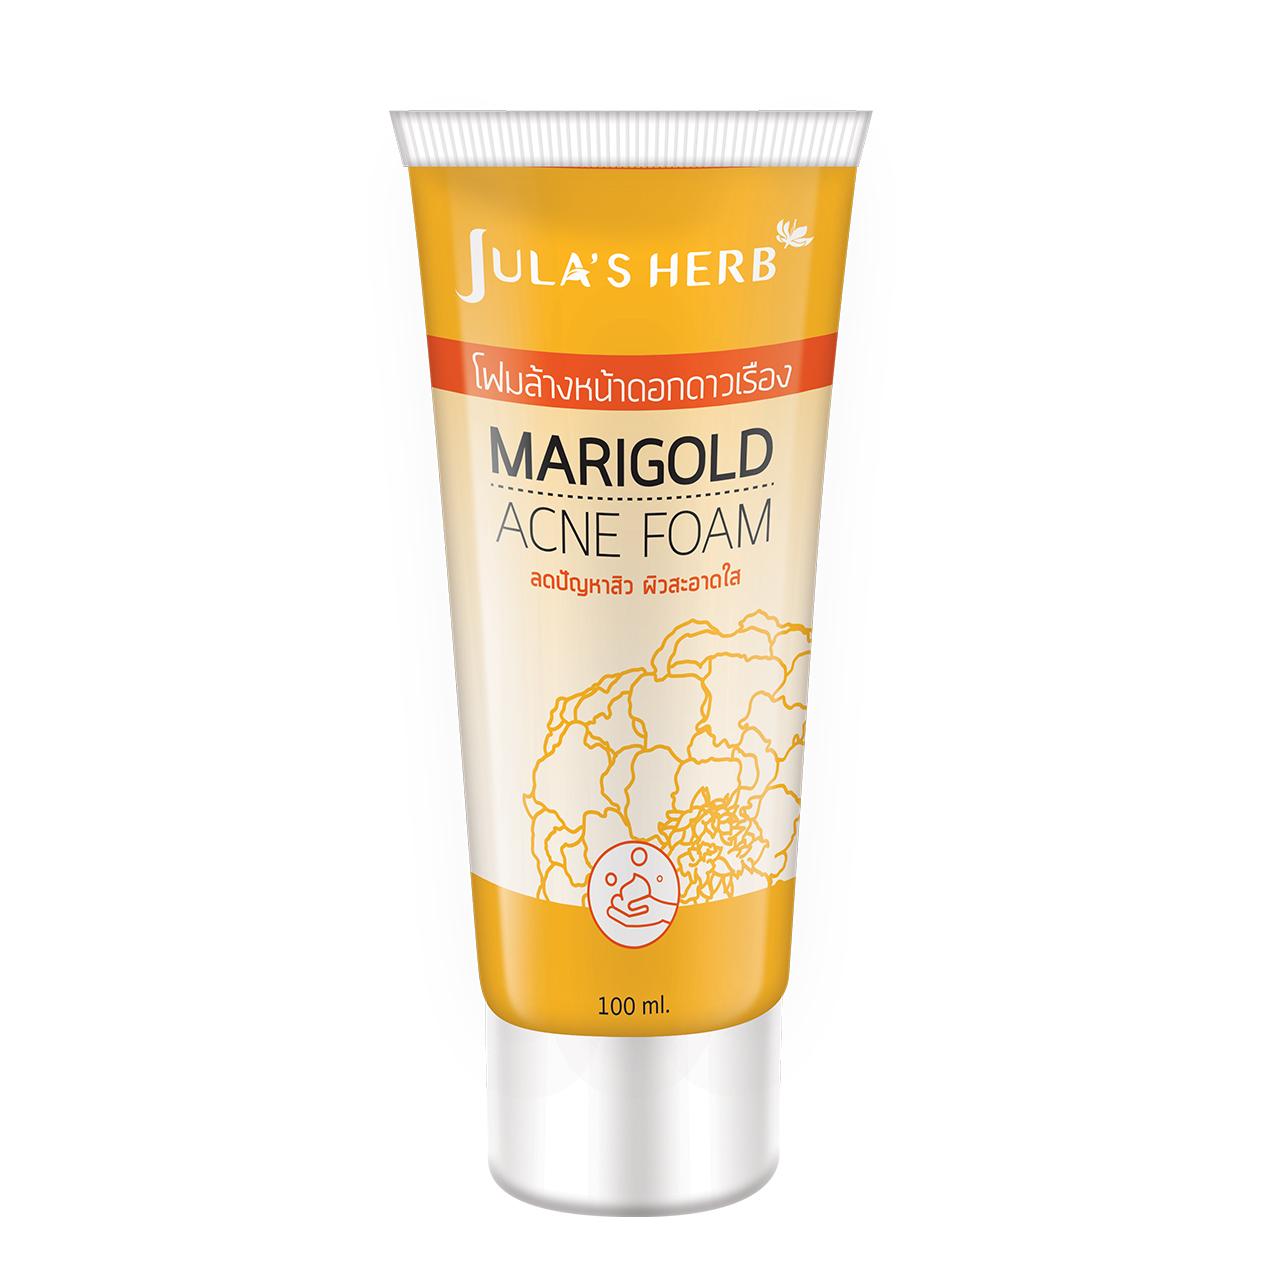 Marigold Acne Foam โฟมล้างหน้าดอกดาวเรือง